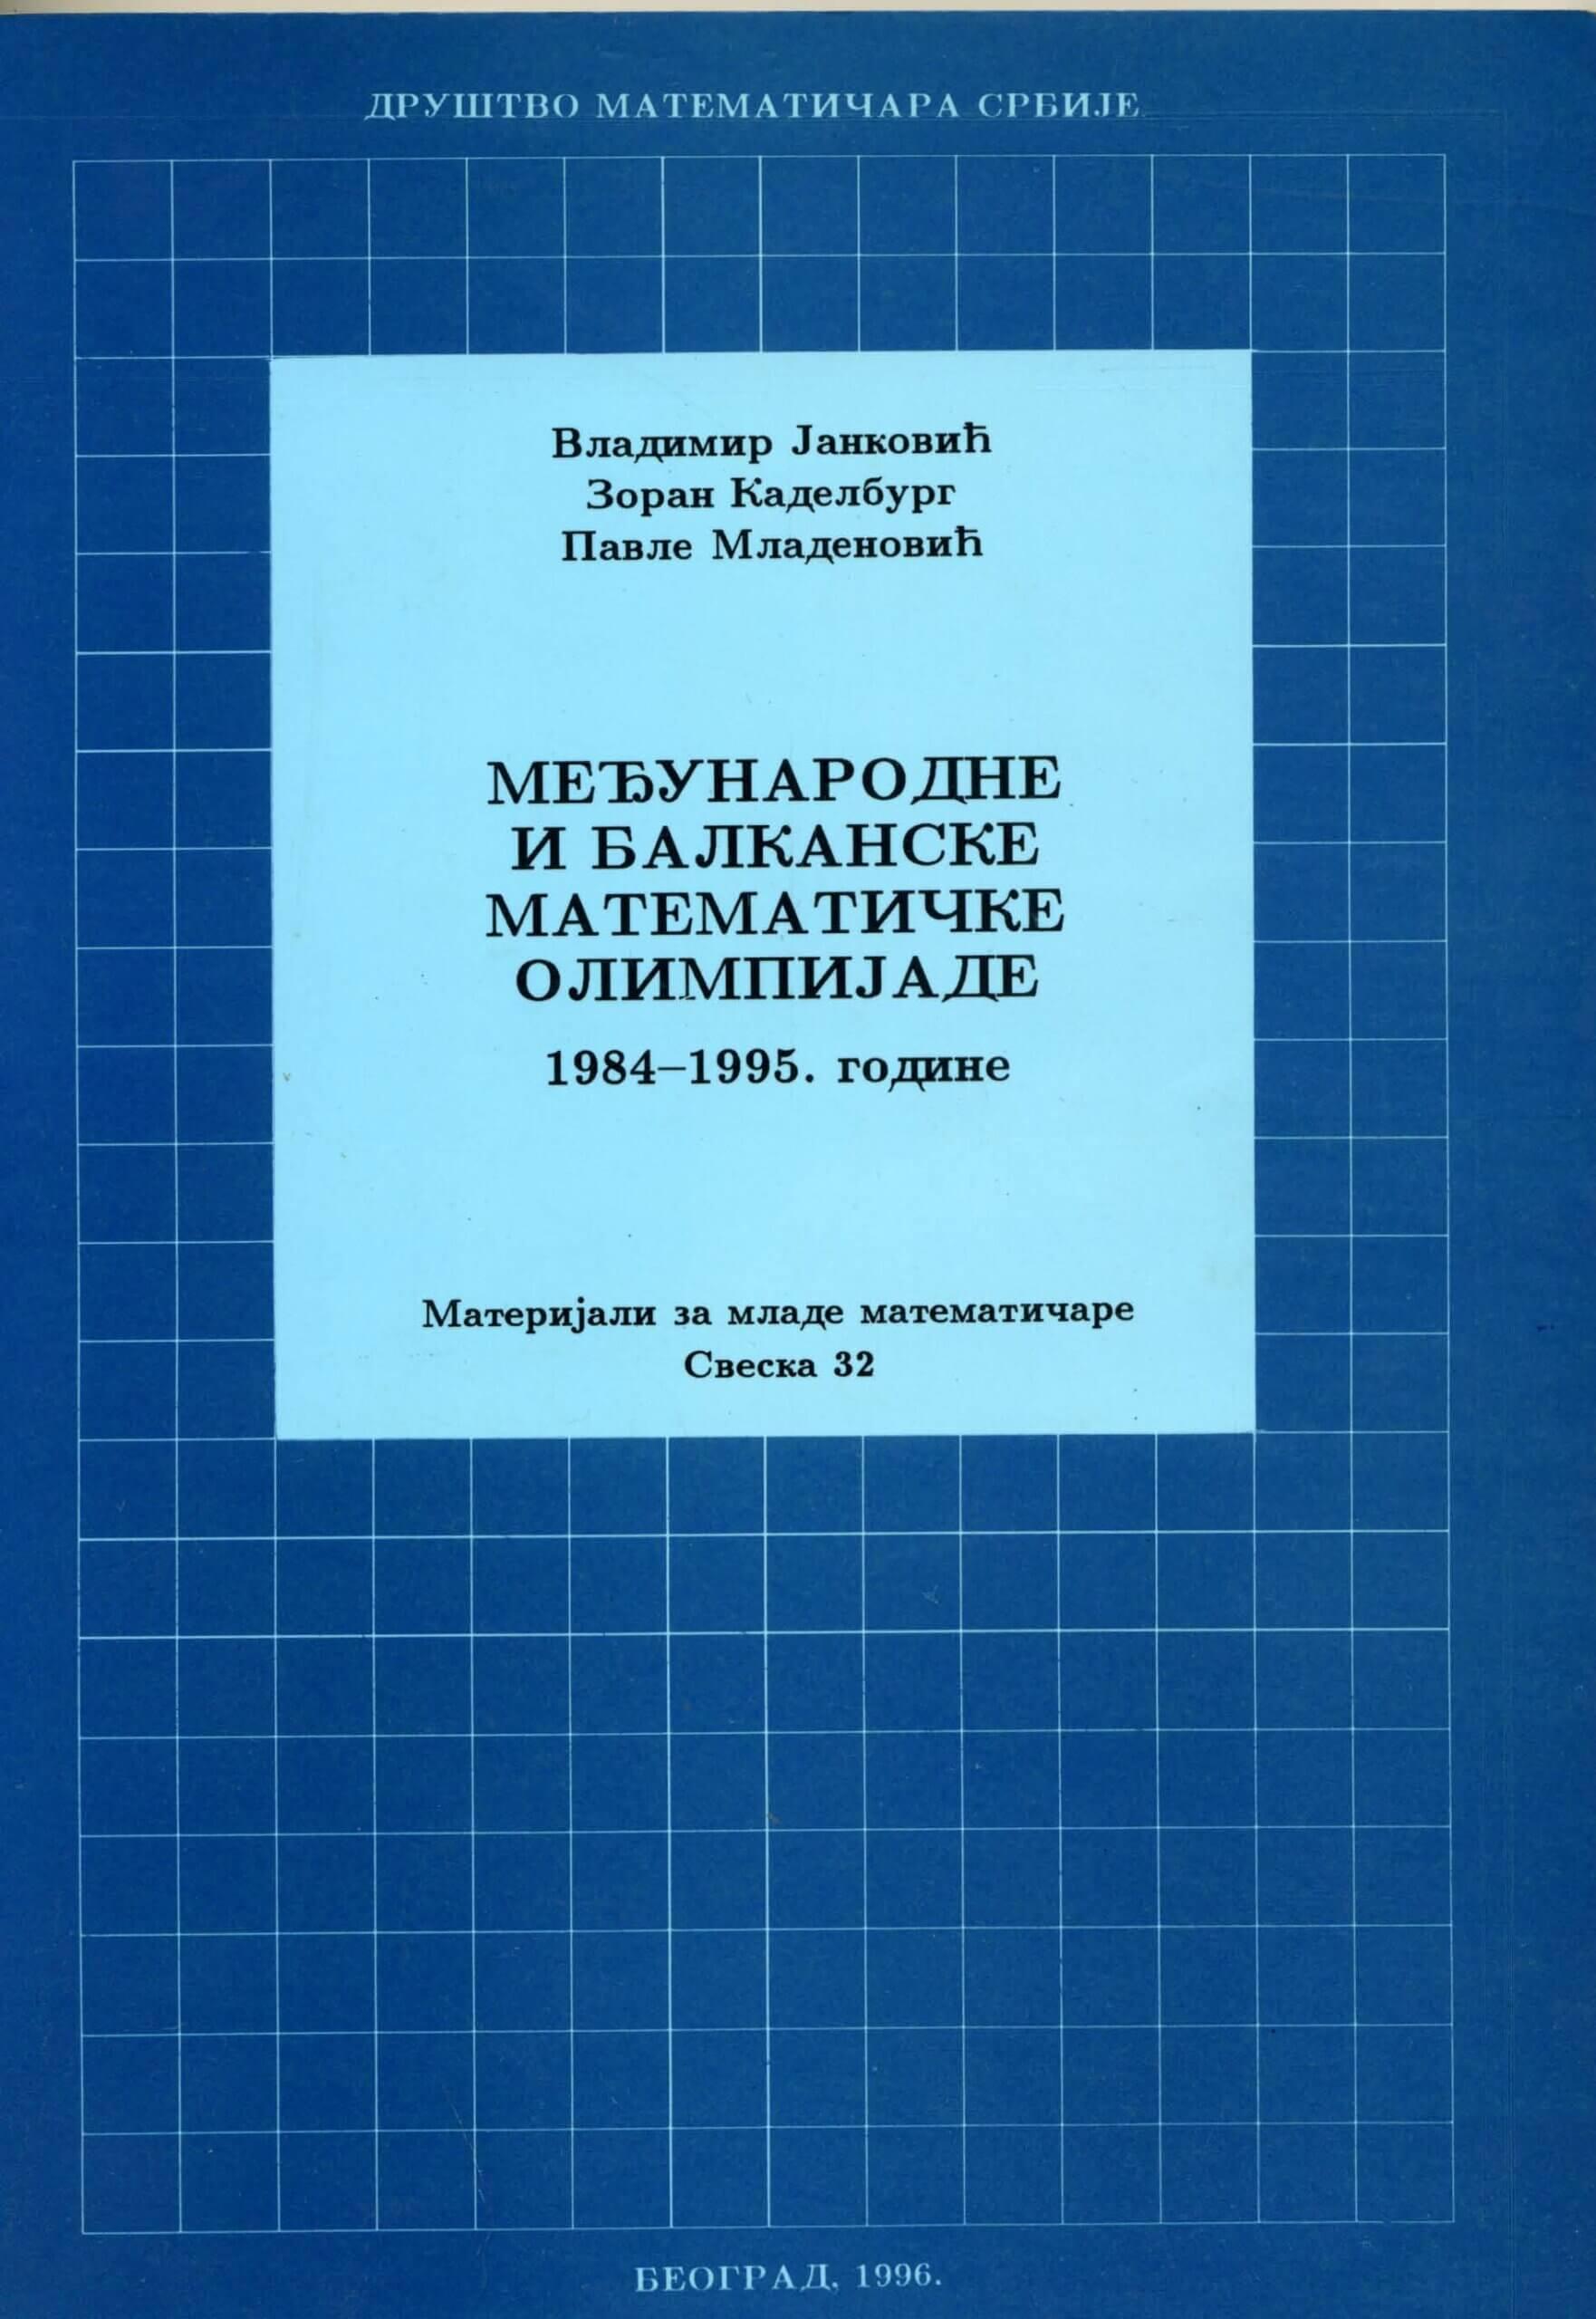 Међународне и балканске математичке олимпијаде 1984-1995. године